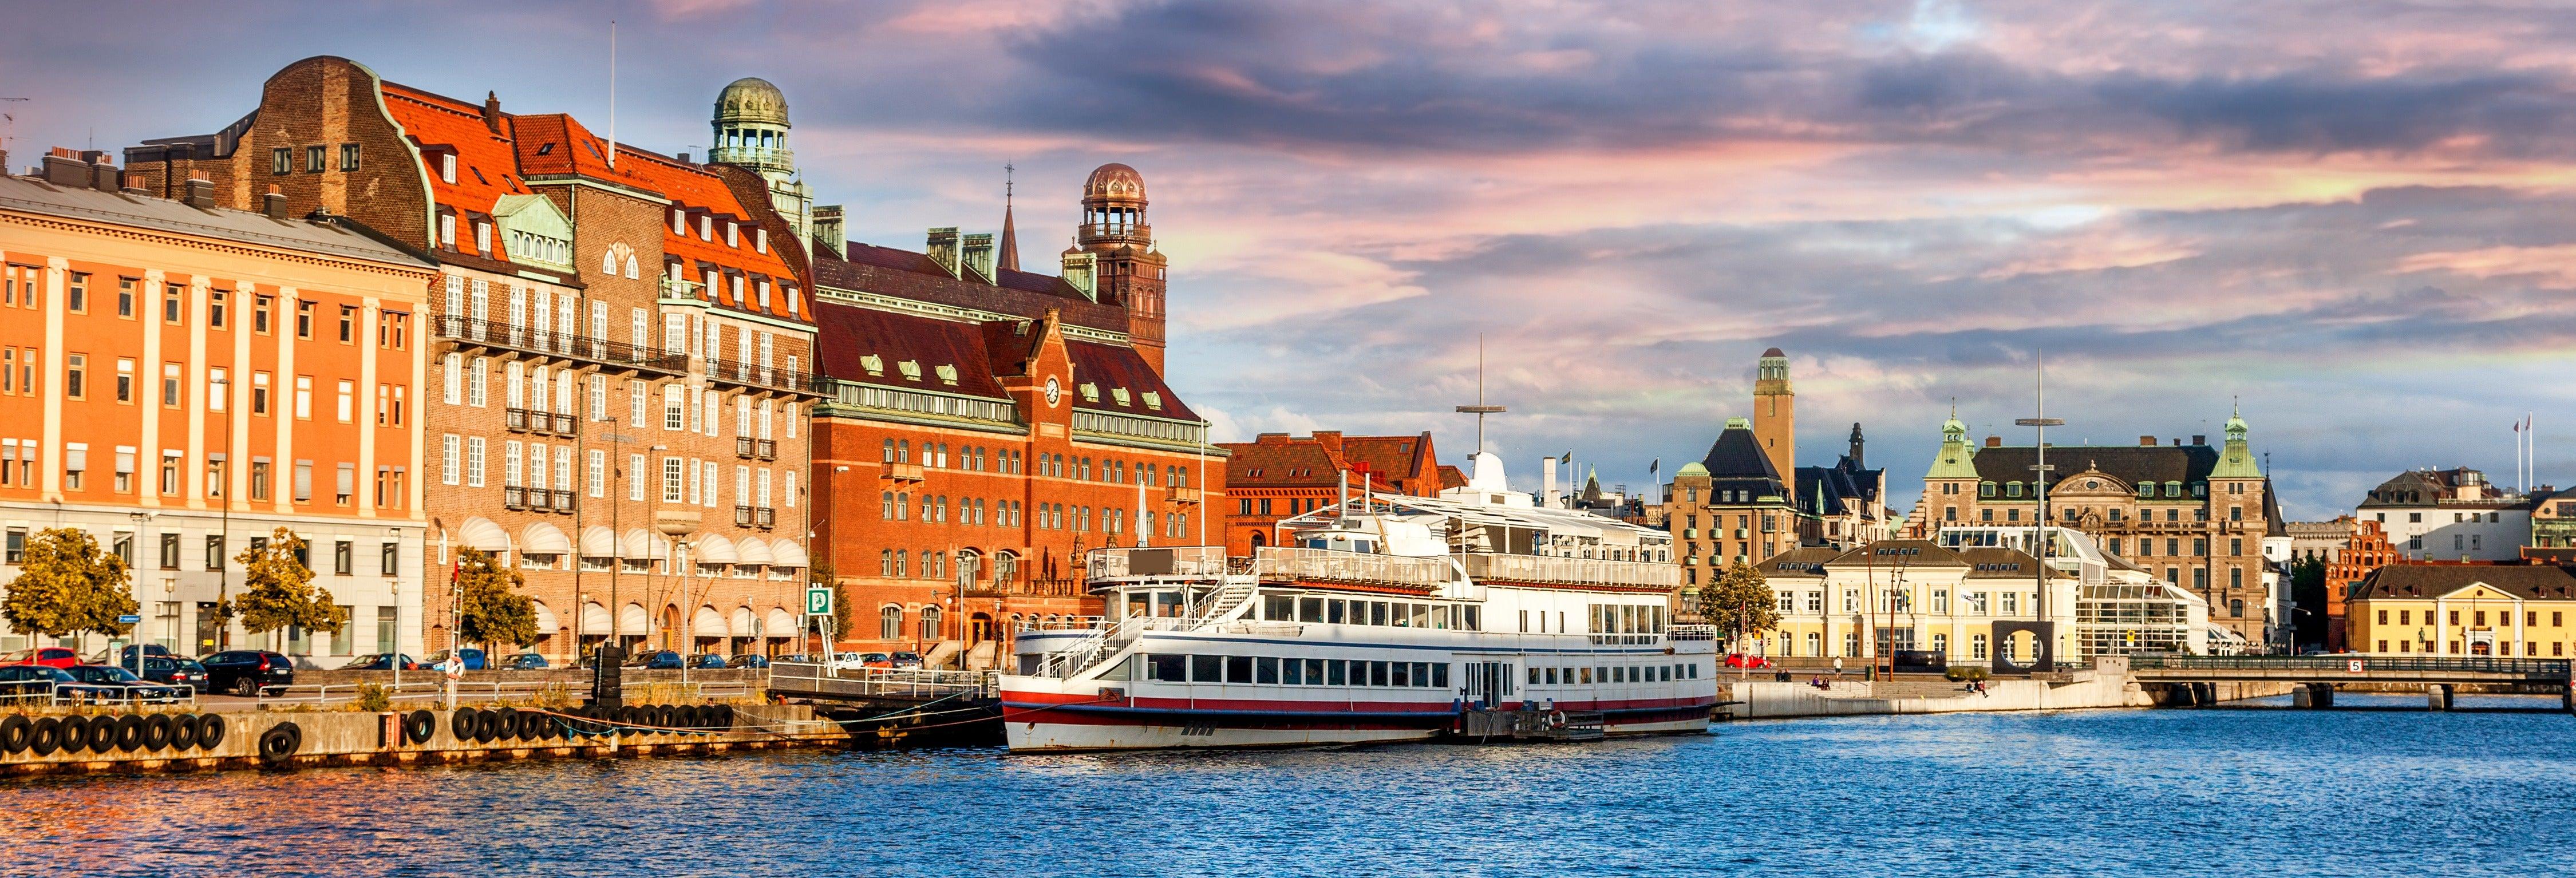 Paseo en barco por los canales de Malmö